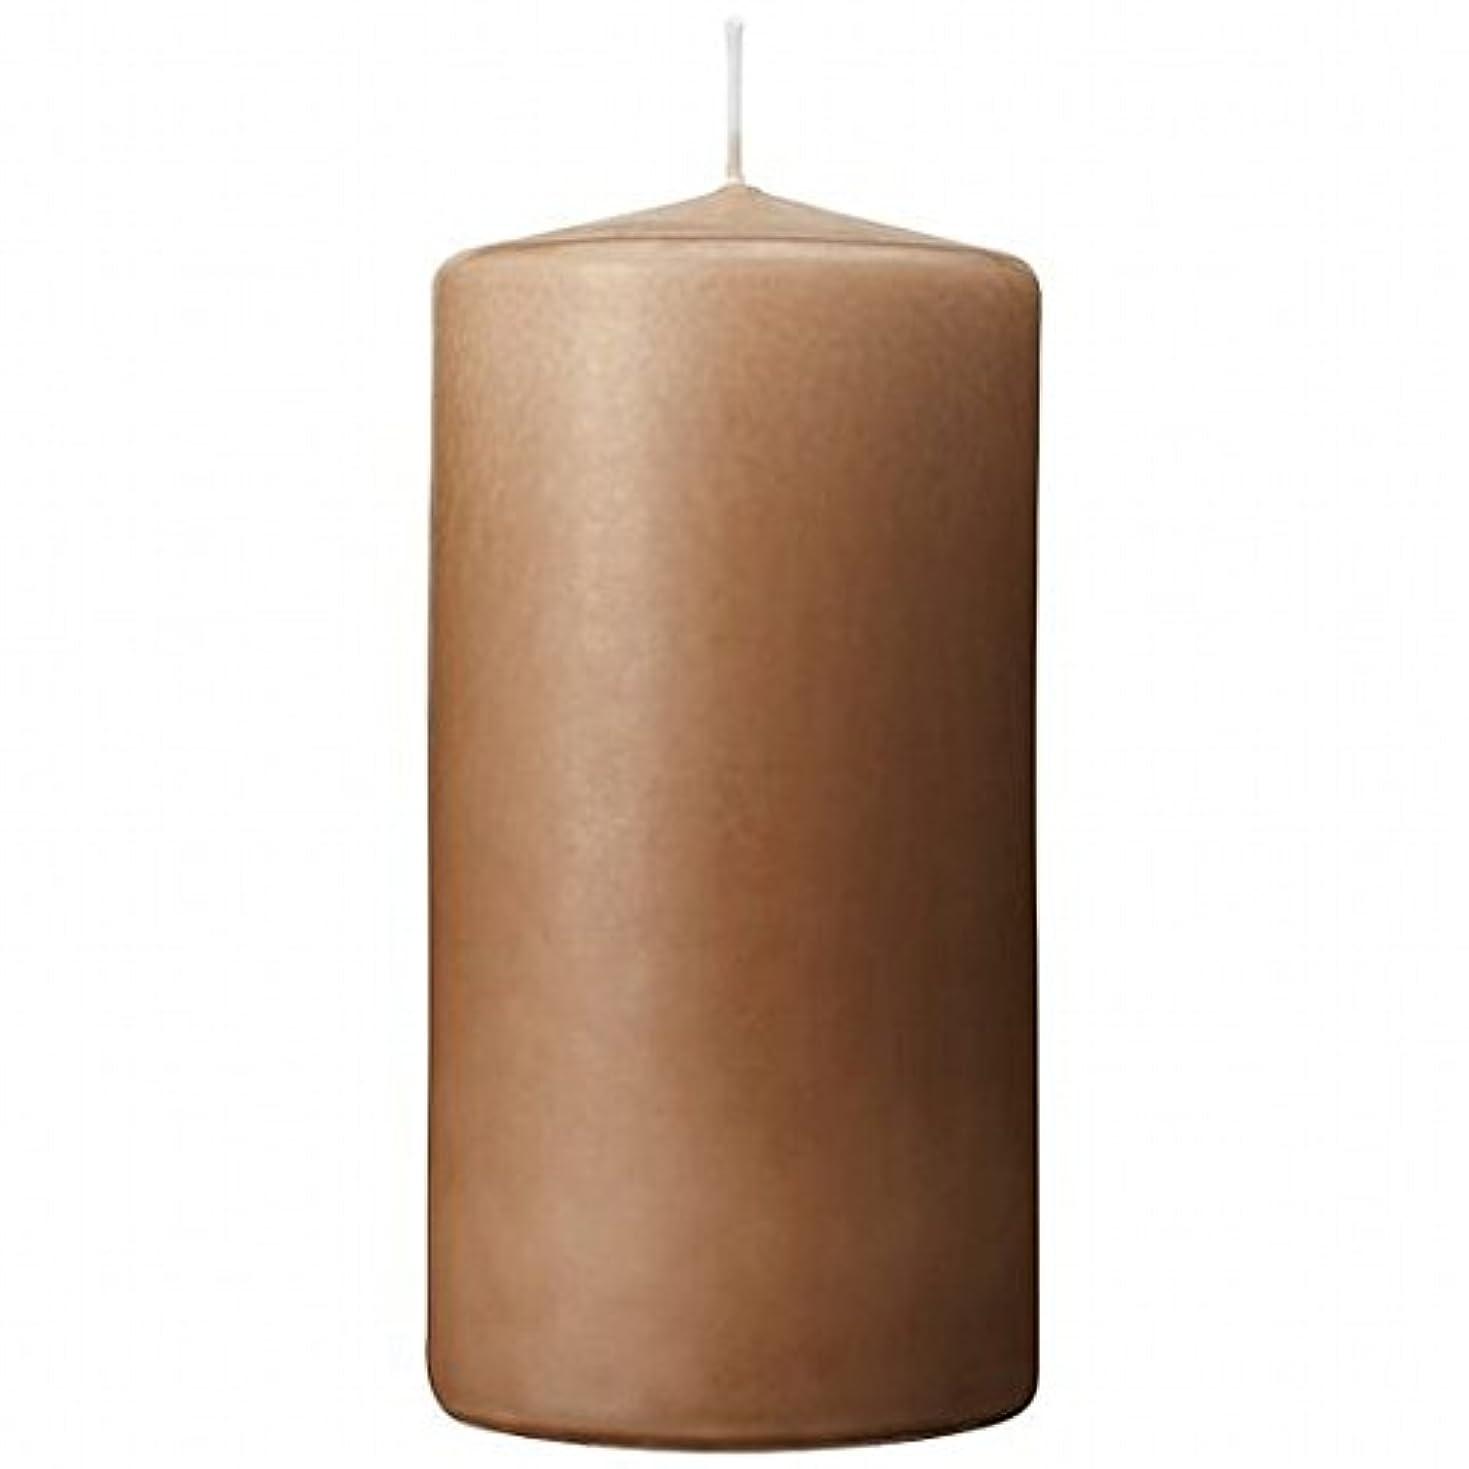 真向こう驚くべき取り組むkameyama candle(カメヤマキャンドル) 3×6ベルトップピラーキャンドル 「 モカ 」(A9730010MO)